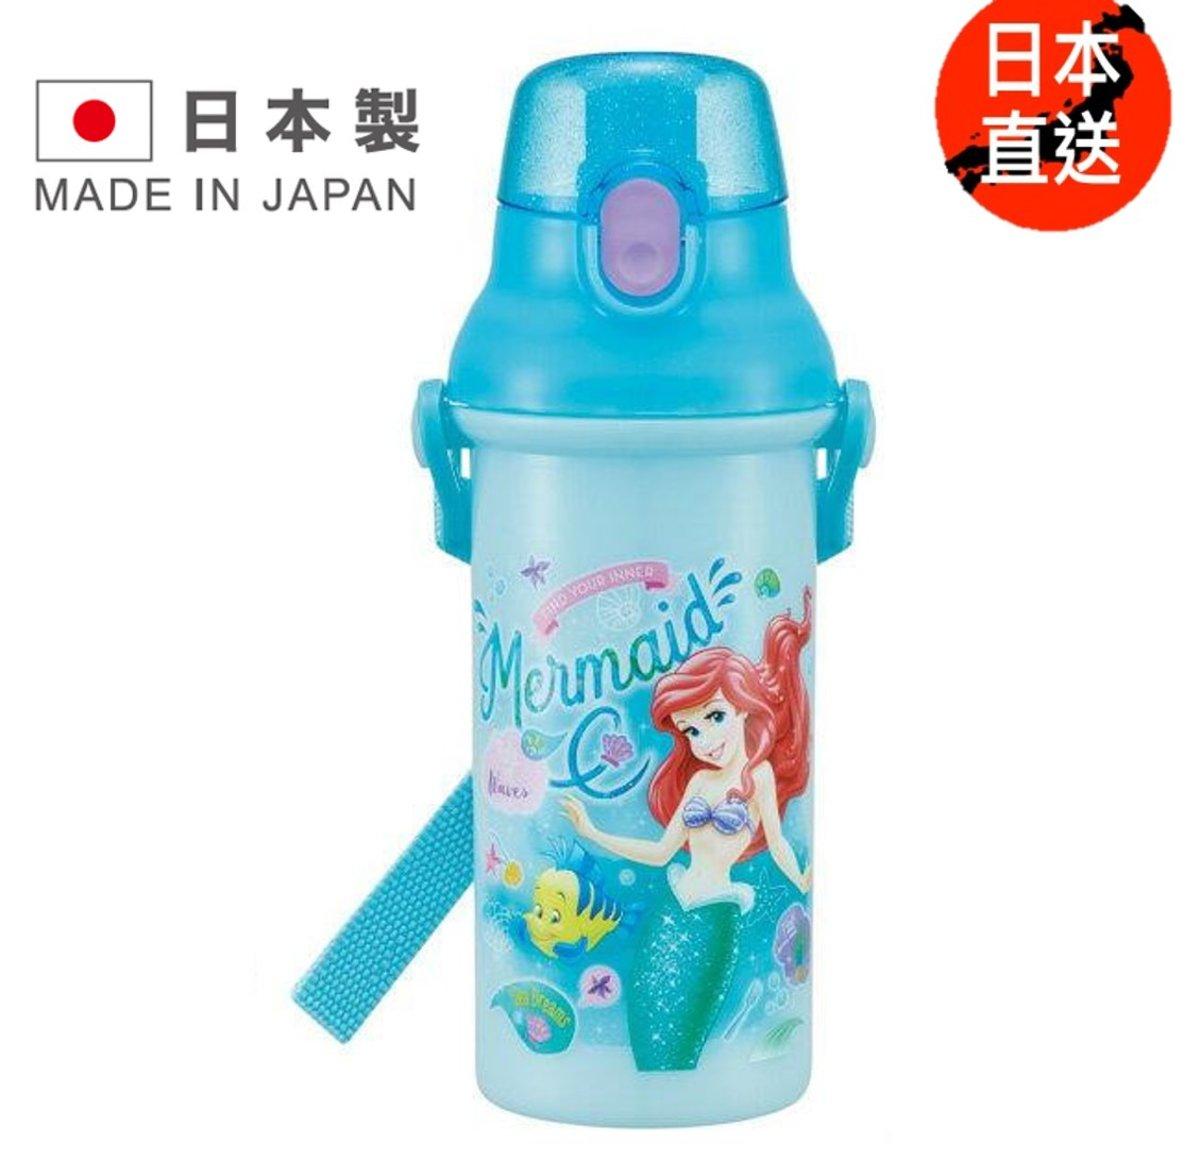 便攜式背帶水樽-艾莉兒C(480ml)(日本直送)(迪士尼許可產品)